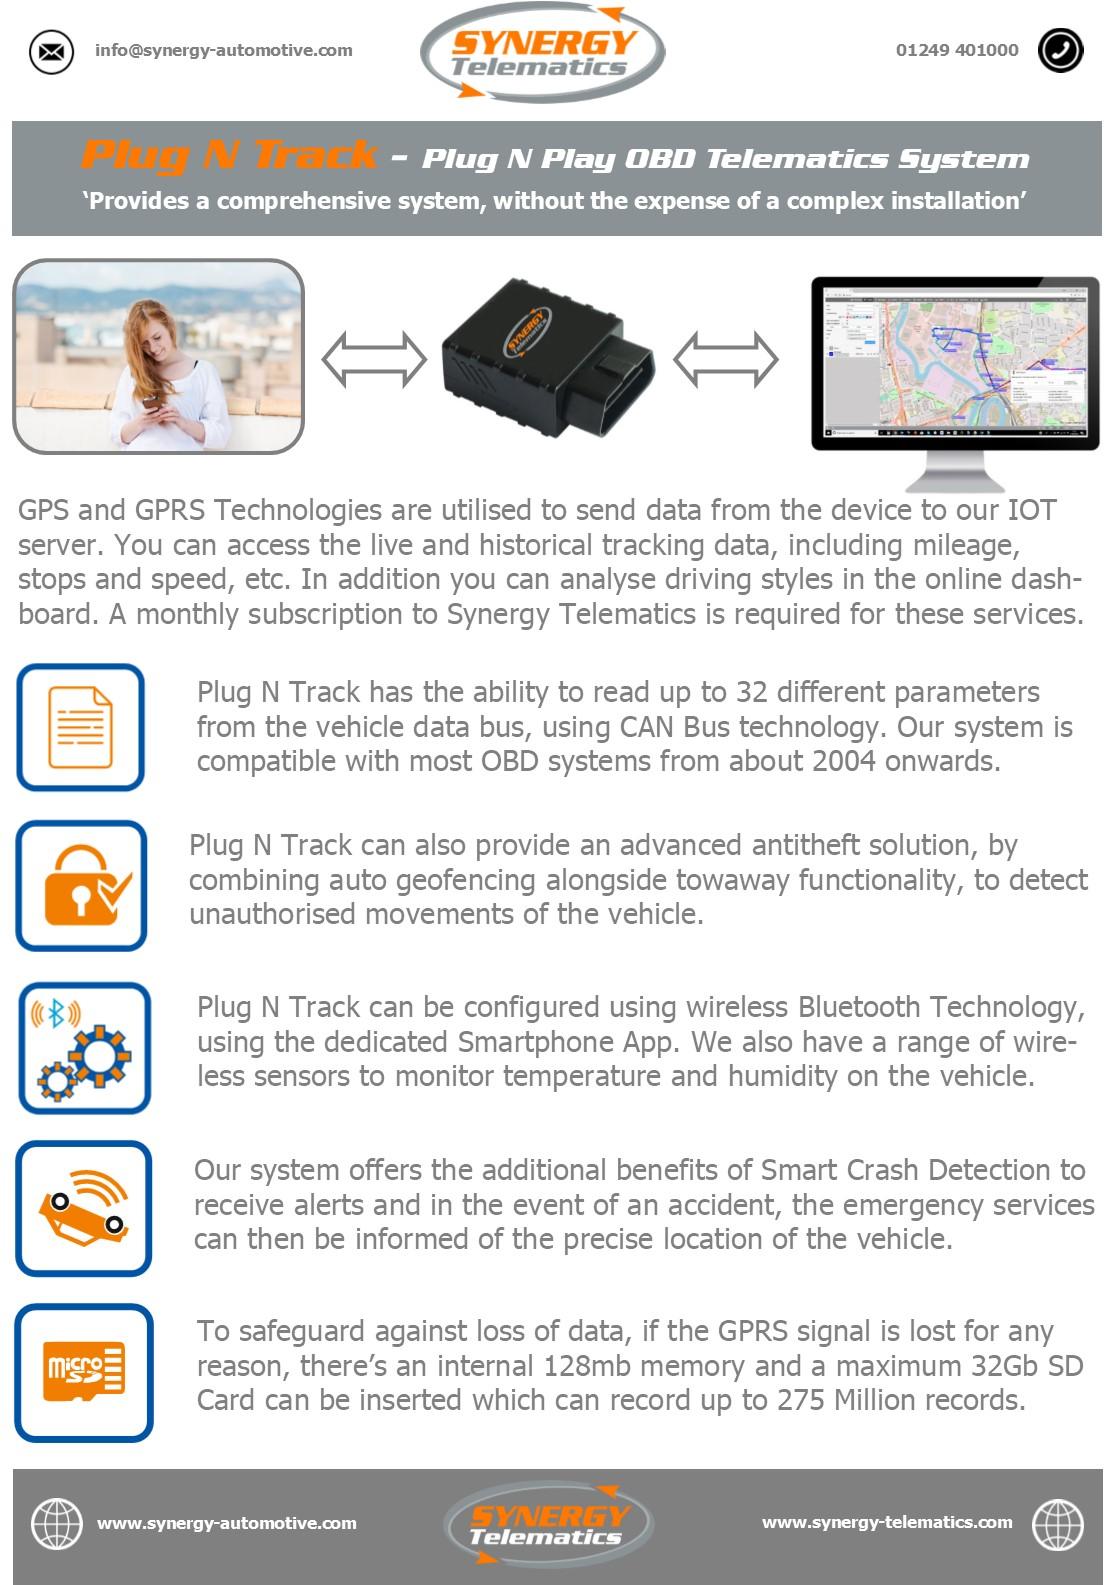 plug-n-track-image.jpg